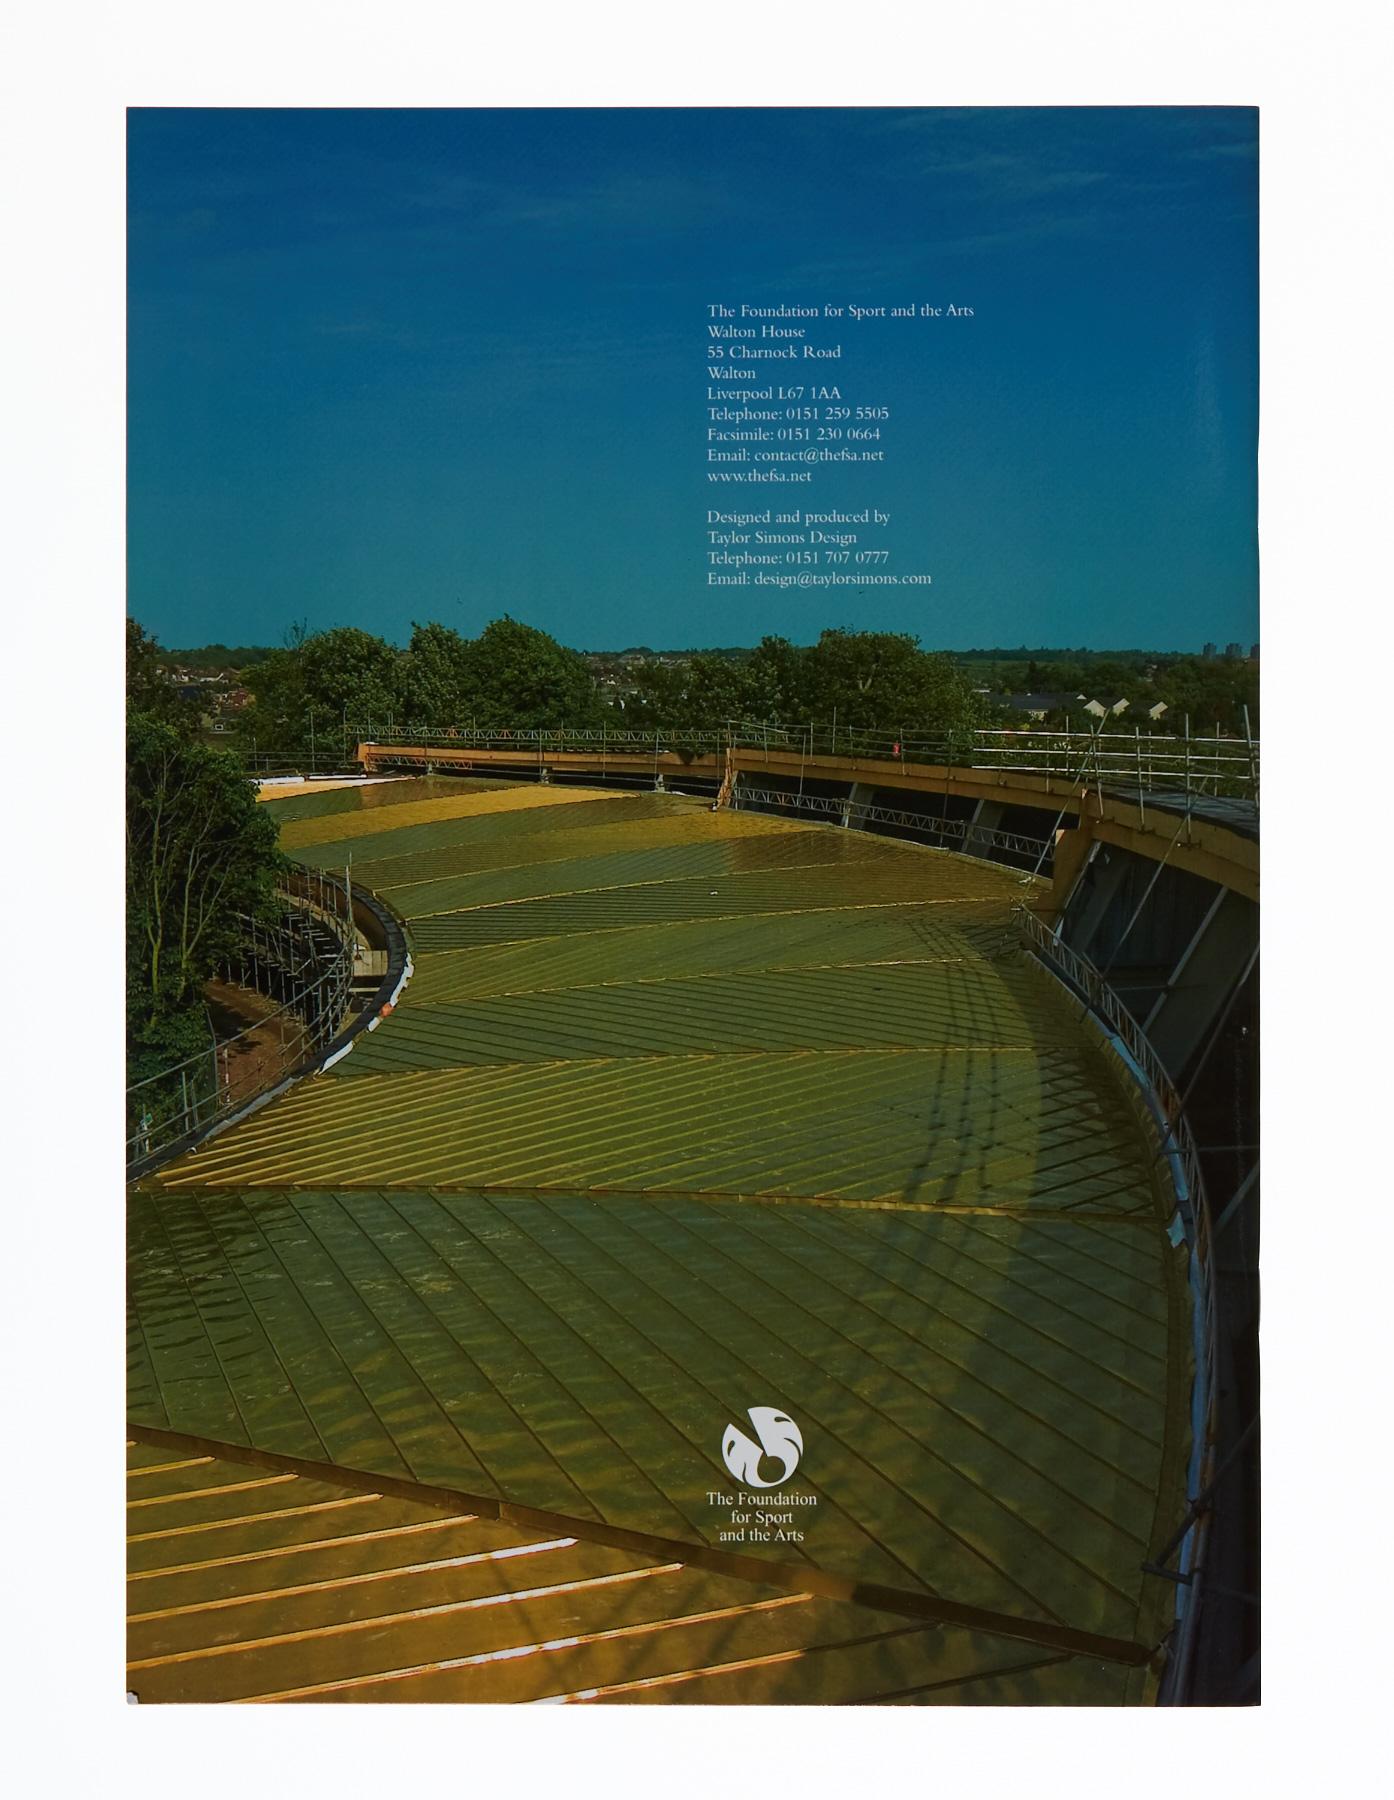 foundation-sport-arts-2007-07.jpg